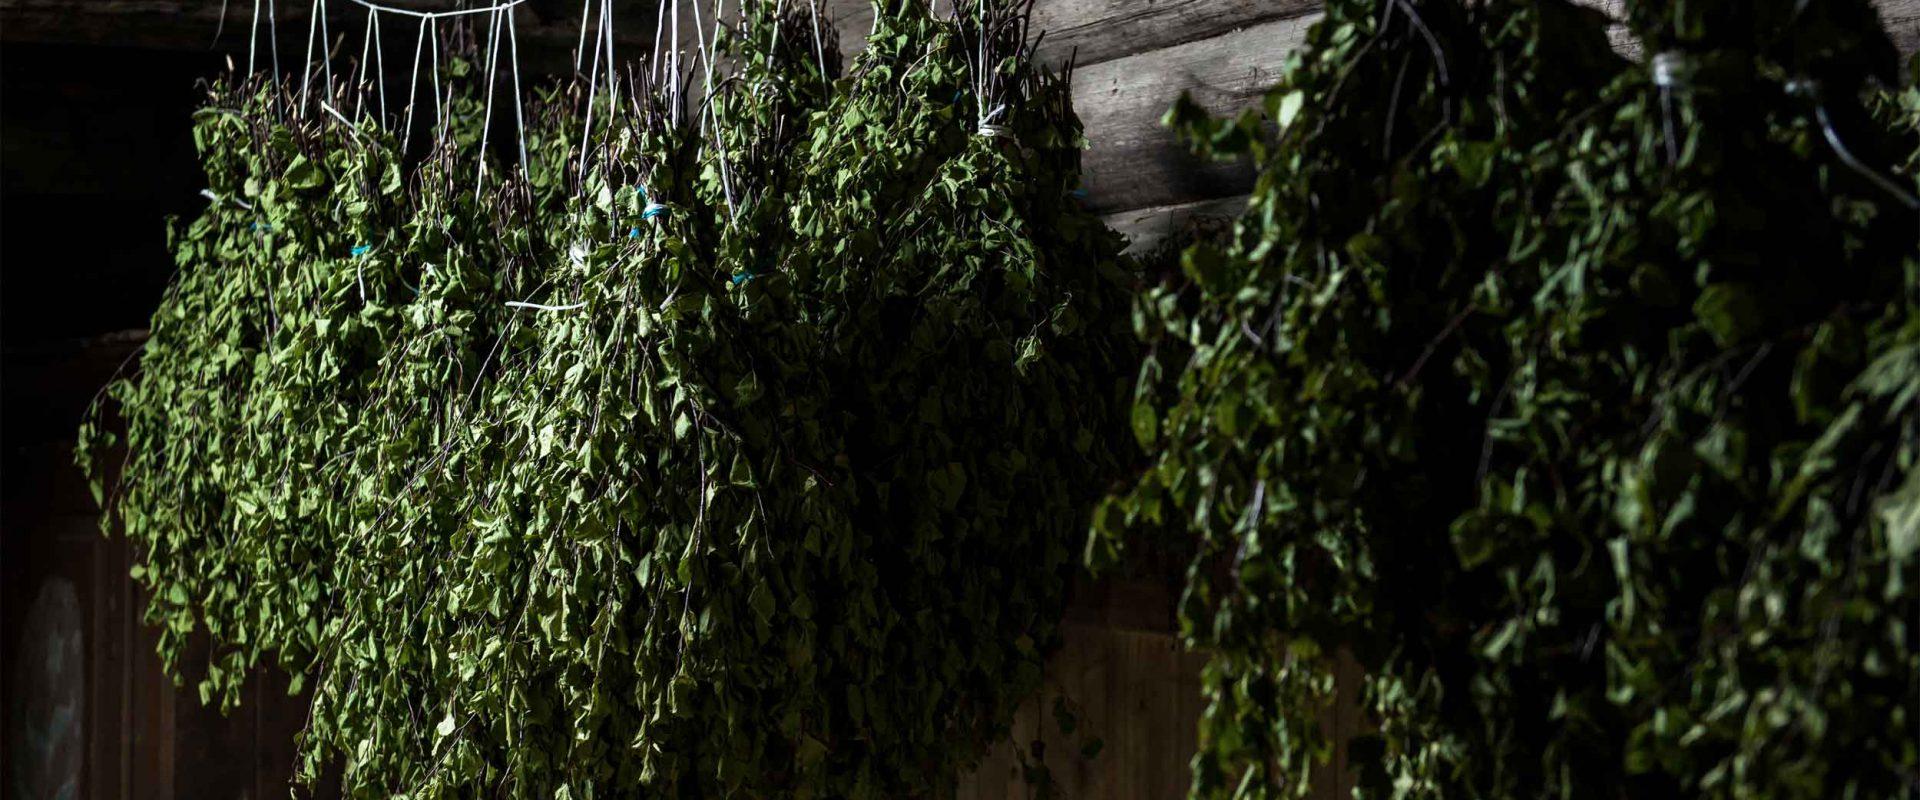 Sauna birch whisks